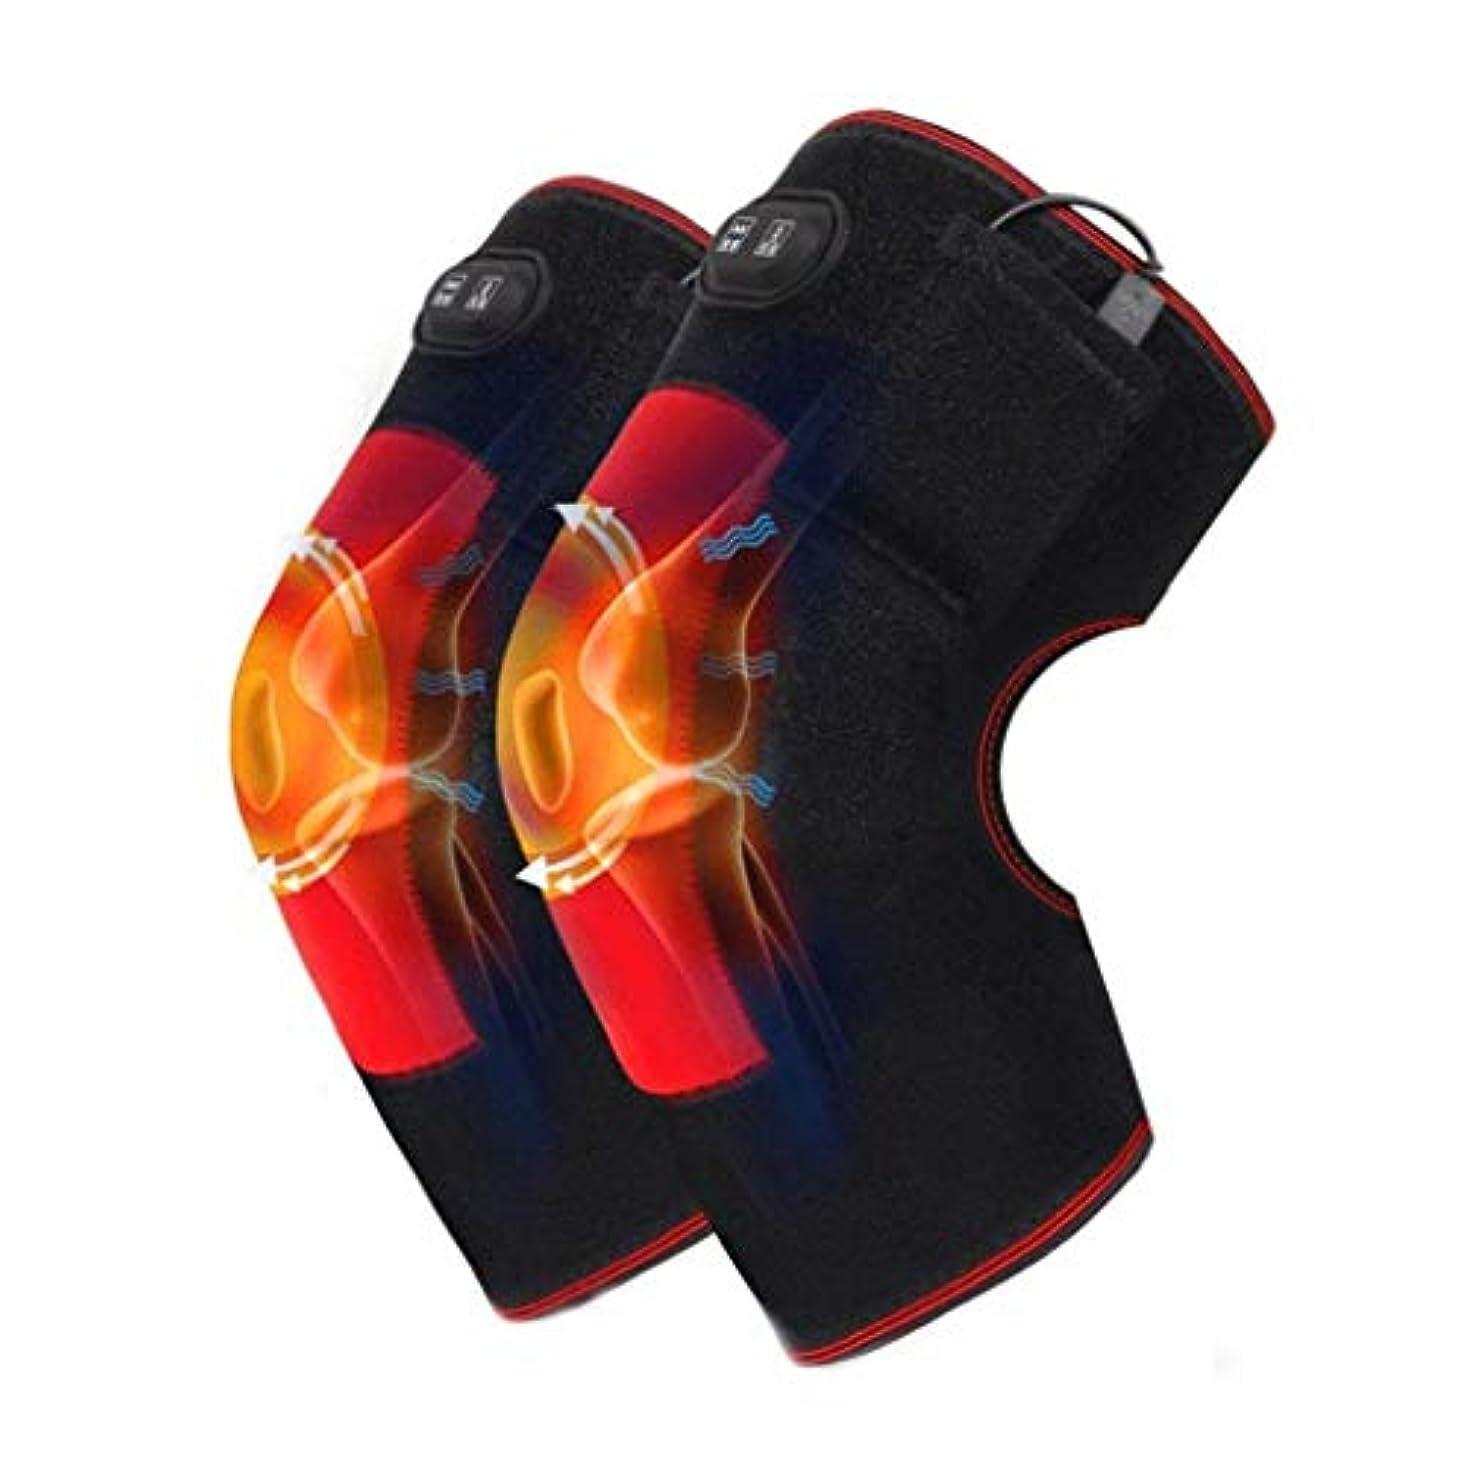 手綱傘南方の膝圧迫スリーブ、膝巻き式温熱パッド、関節炎、慢性関節痛、腱炎、膝脱臼、涙靭帯を効果的に緩和できる